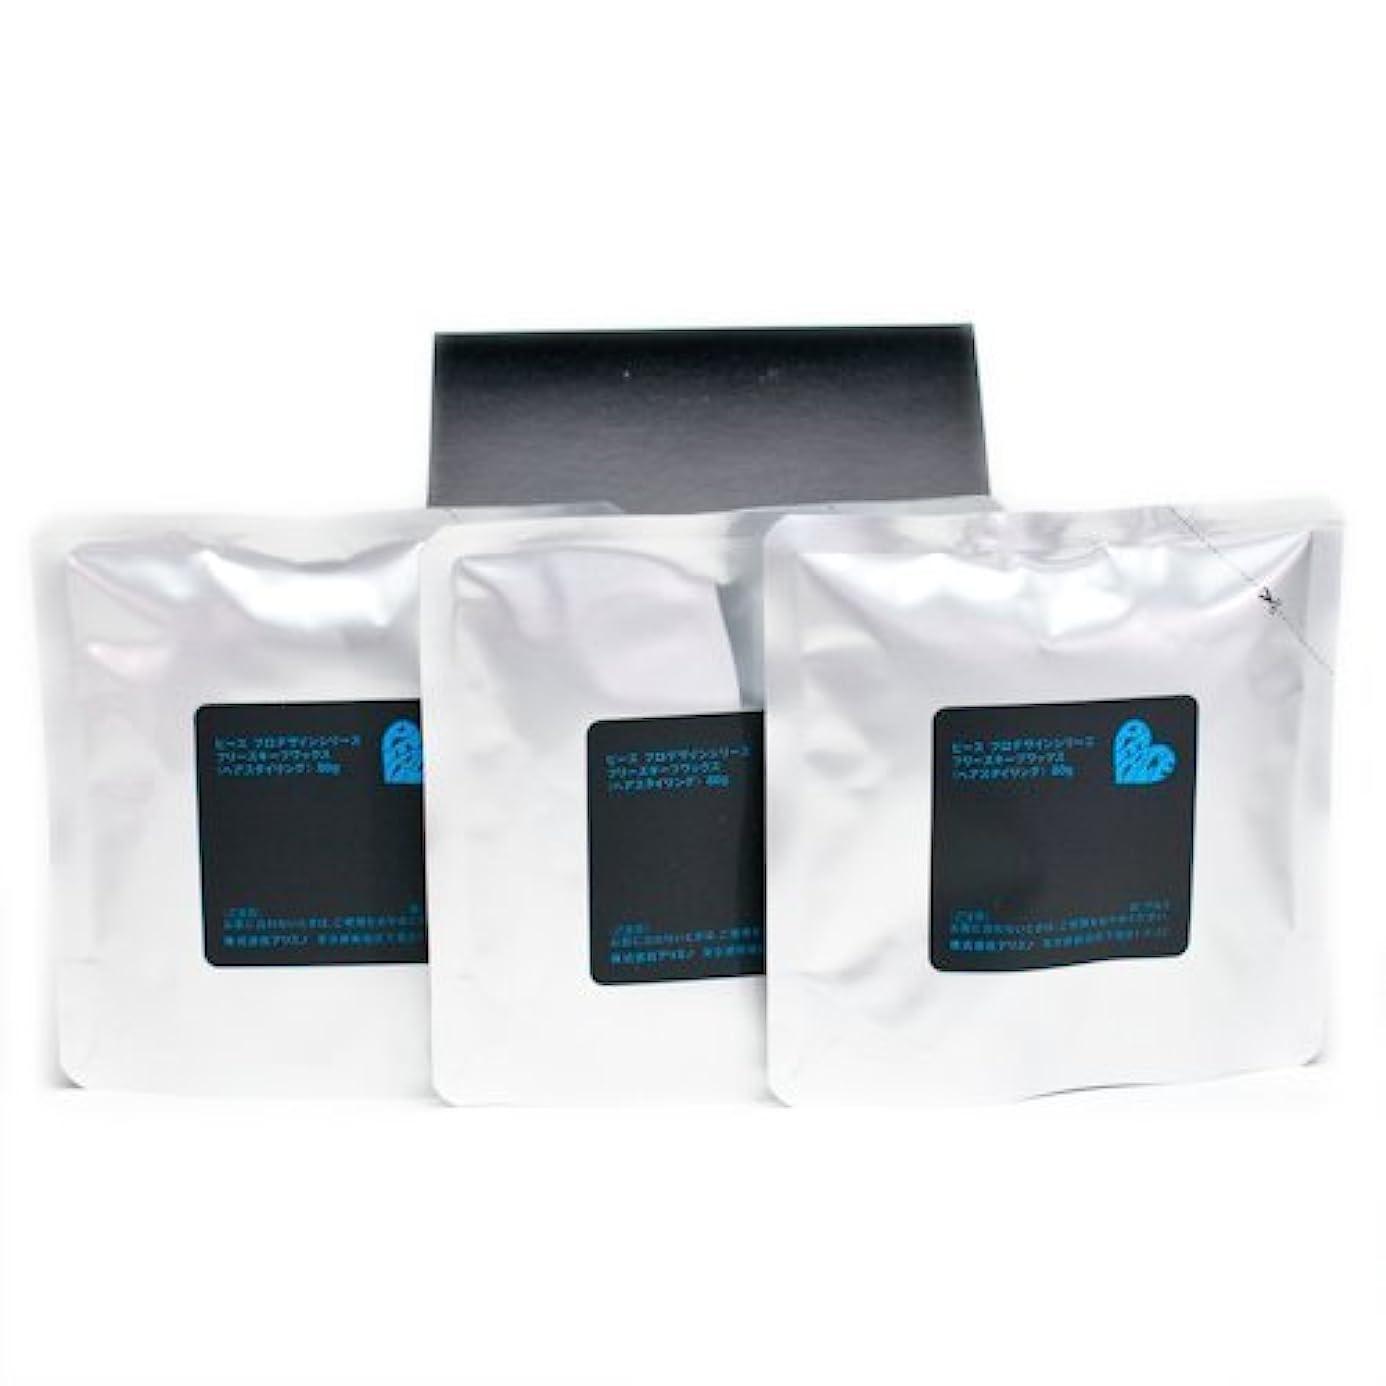 解放メタルライン接尾辞アリミノ ピース フリーズキープワックス (ブラック)80g(業務?詰替用)×3個入り